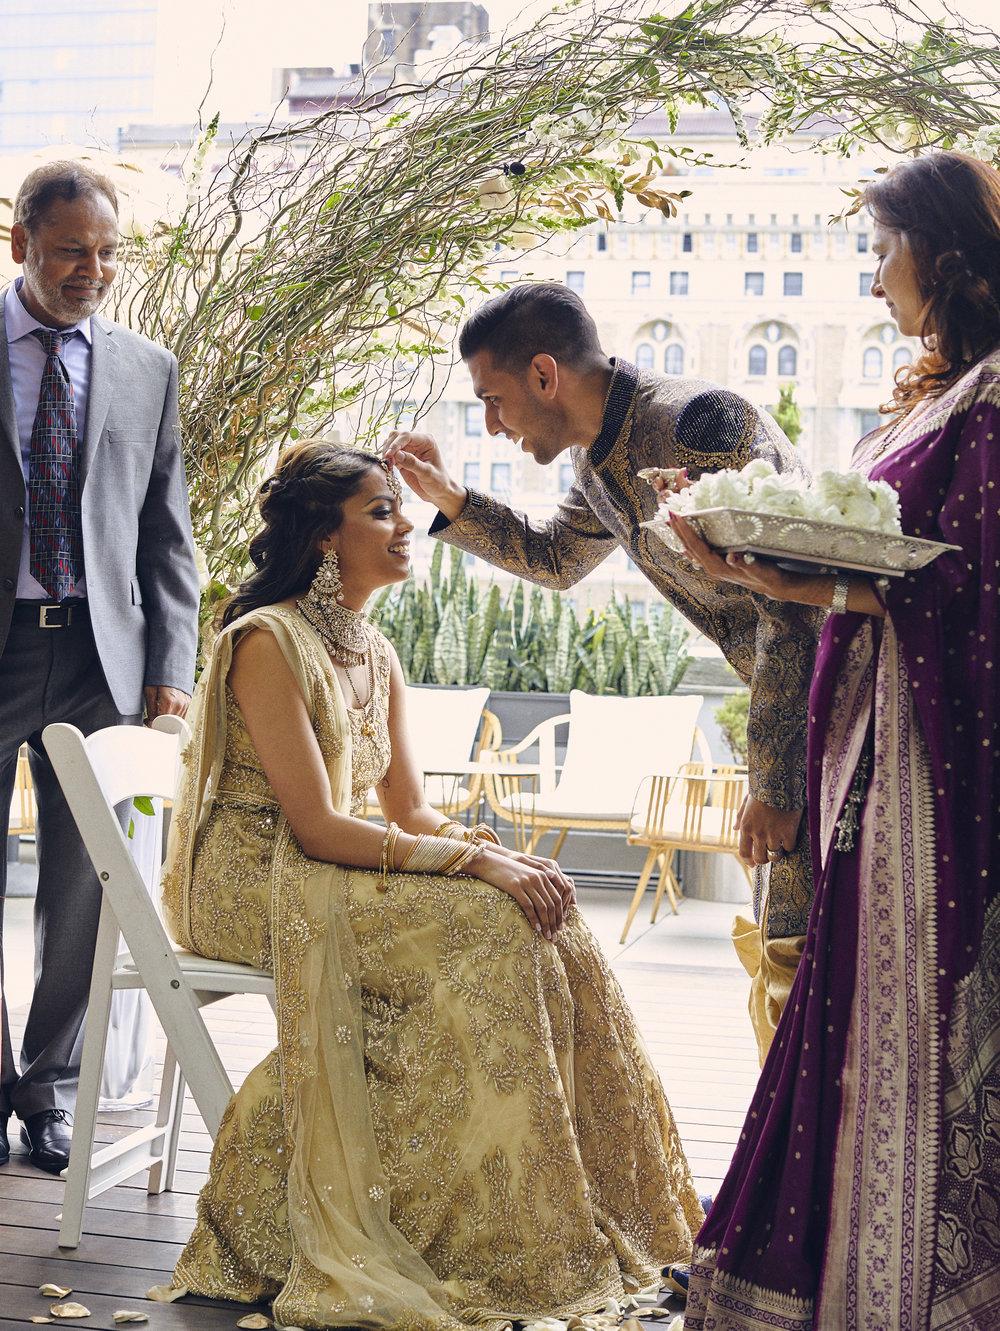 180901_Arjun and Trisha 6.jpg